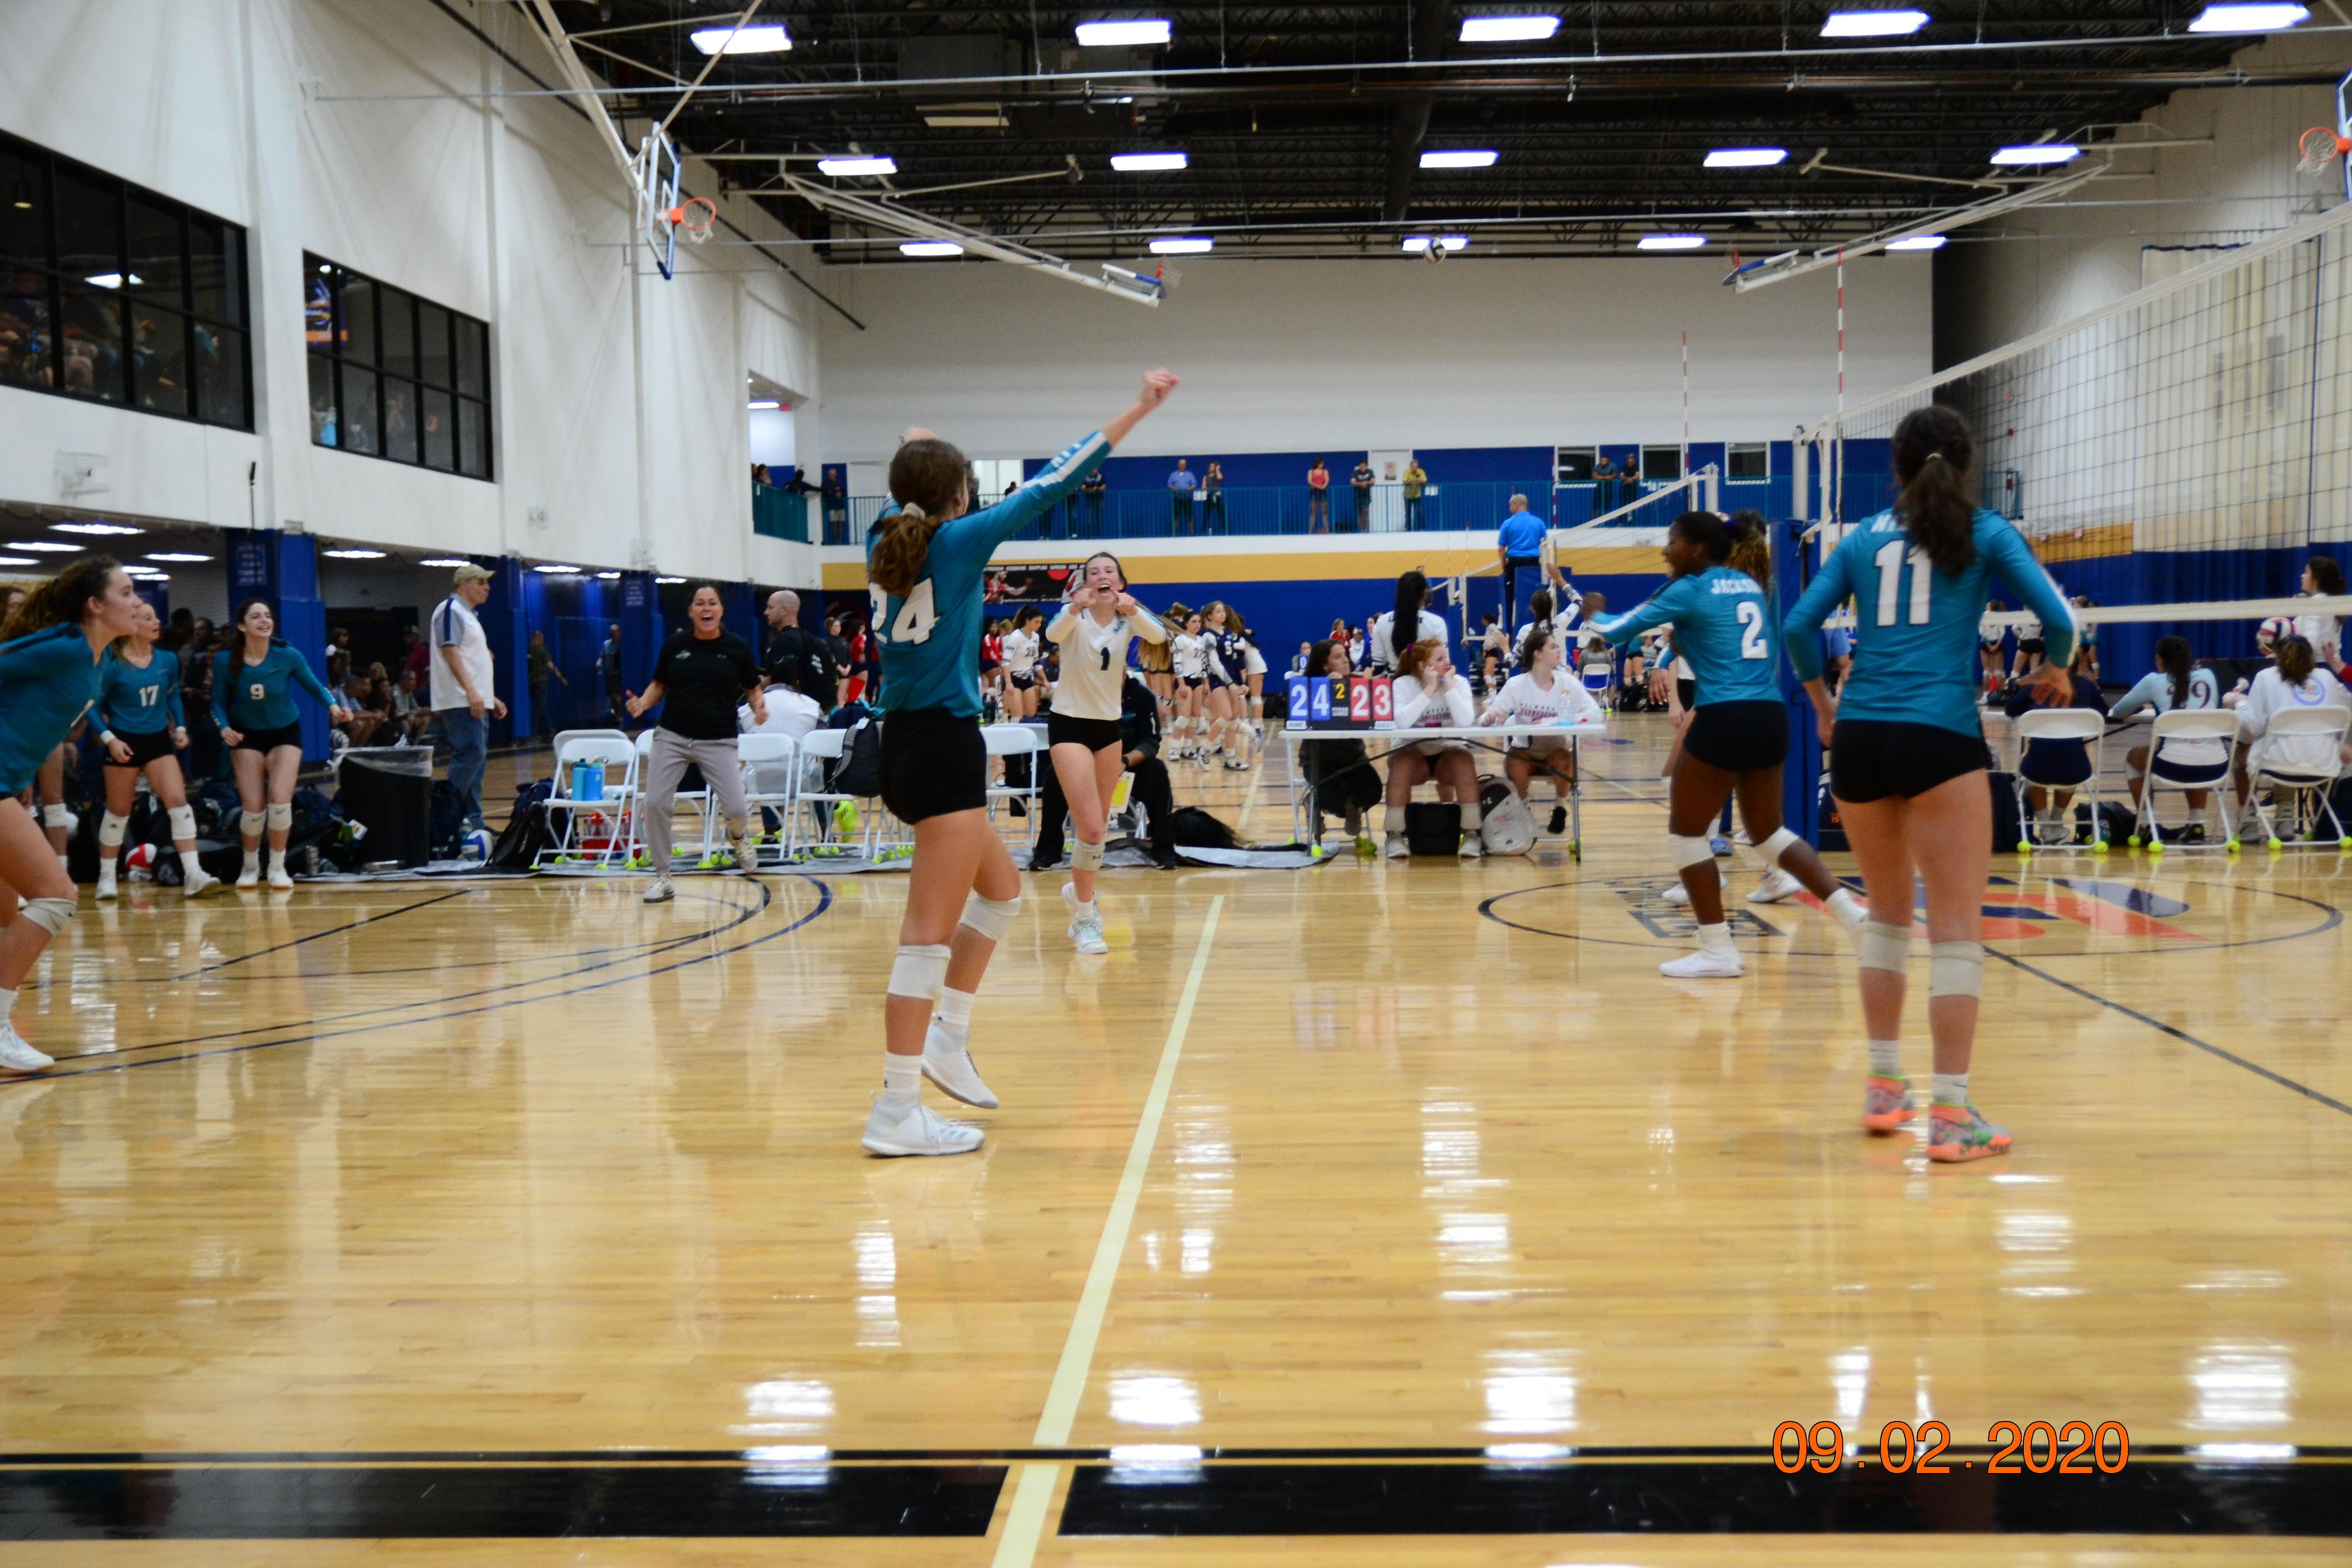 Free Volleyball Clinics Jacksonville Juniors Volleyball Association Jjva